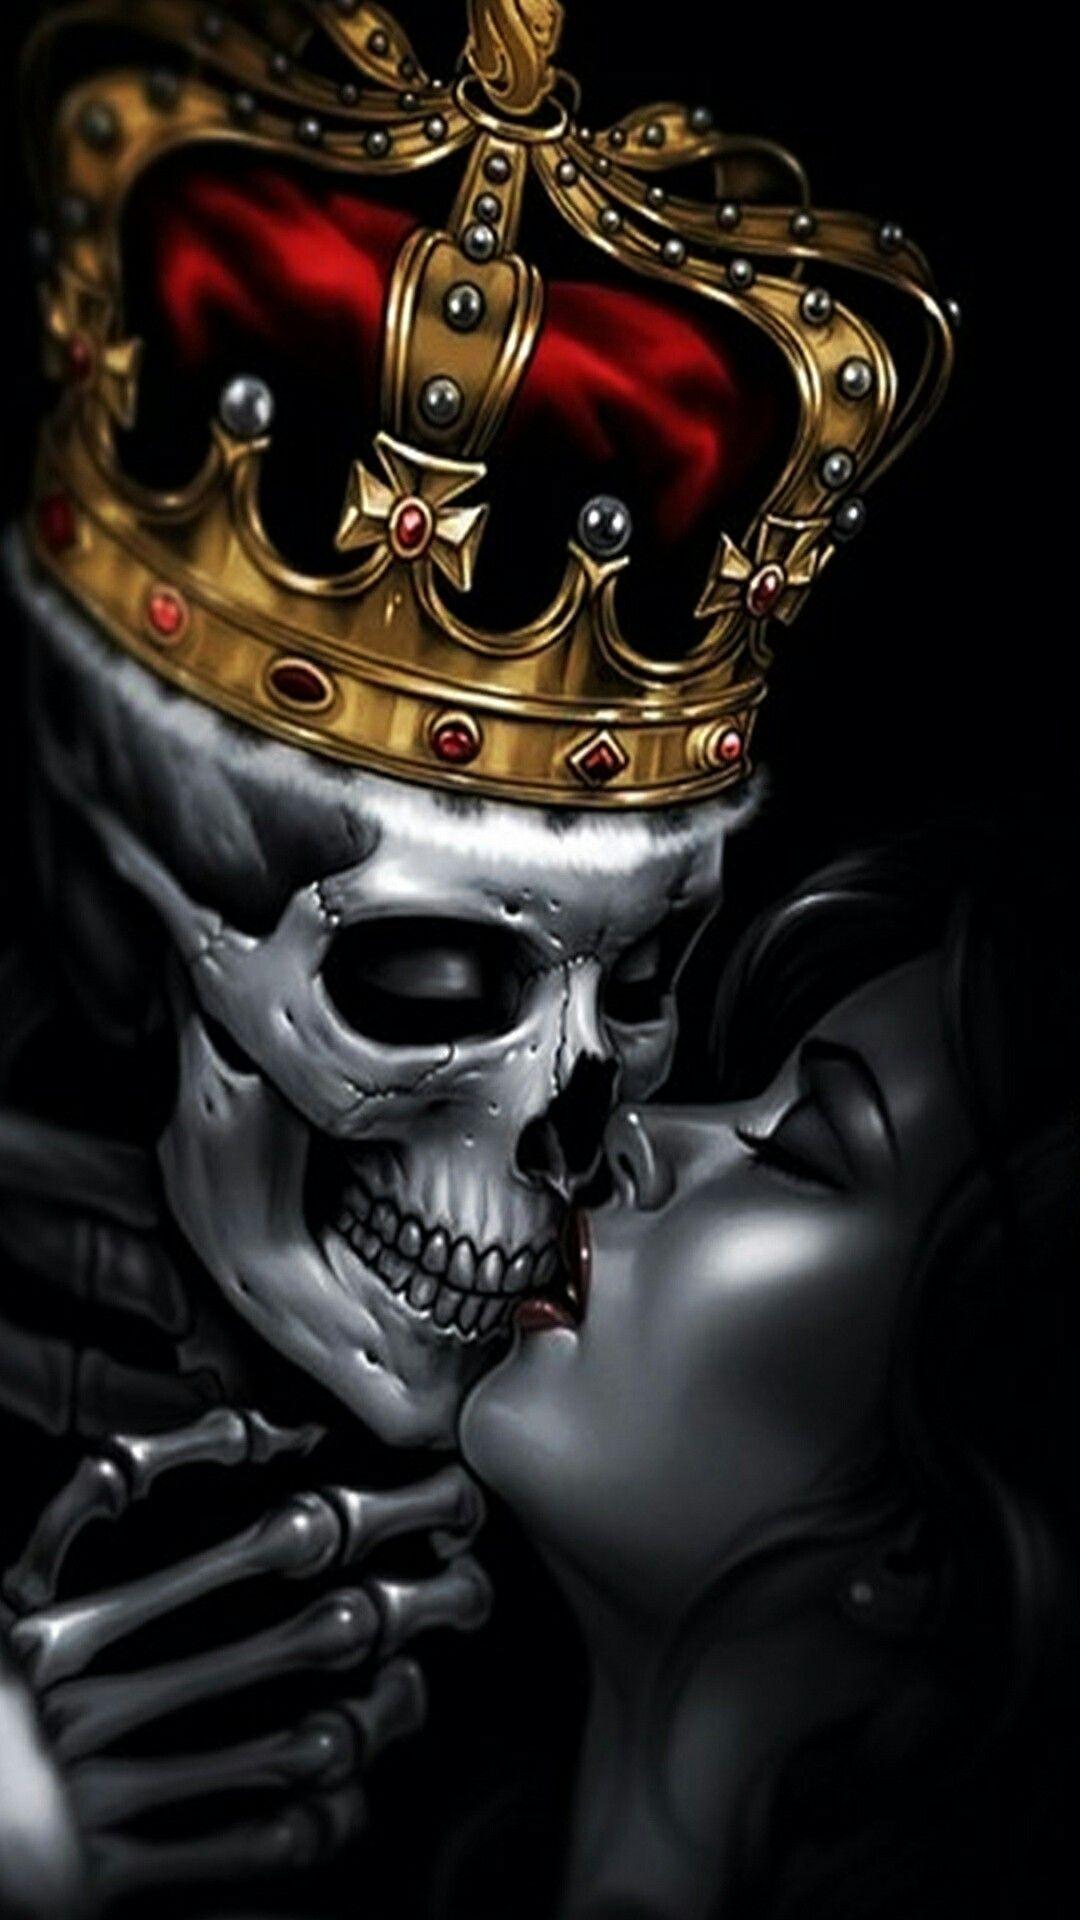 King Skull kissing the queen | sugar skulls | Pinterest ...